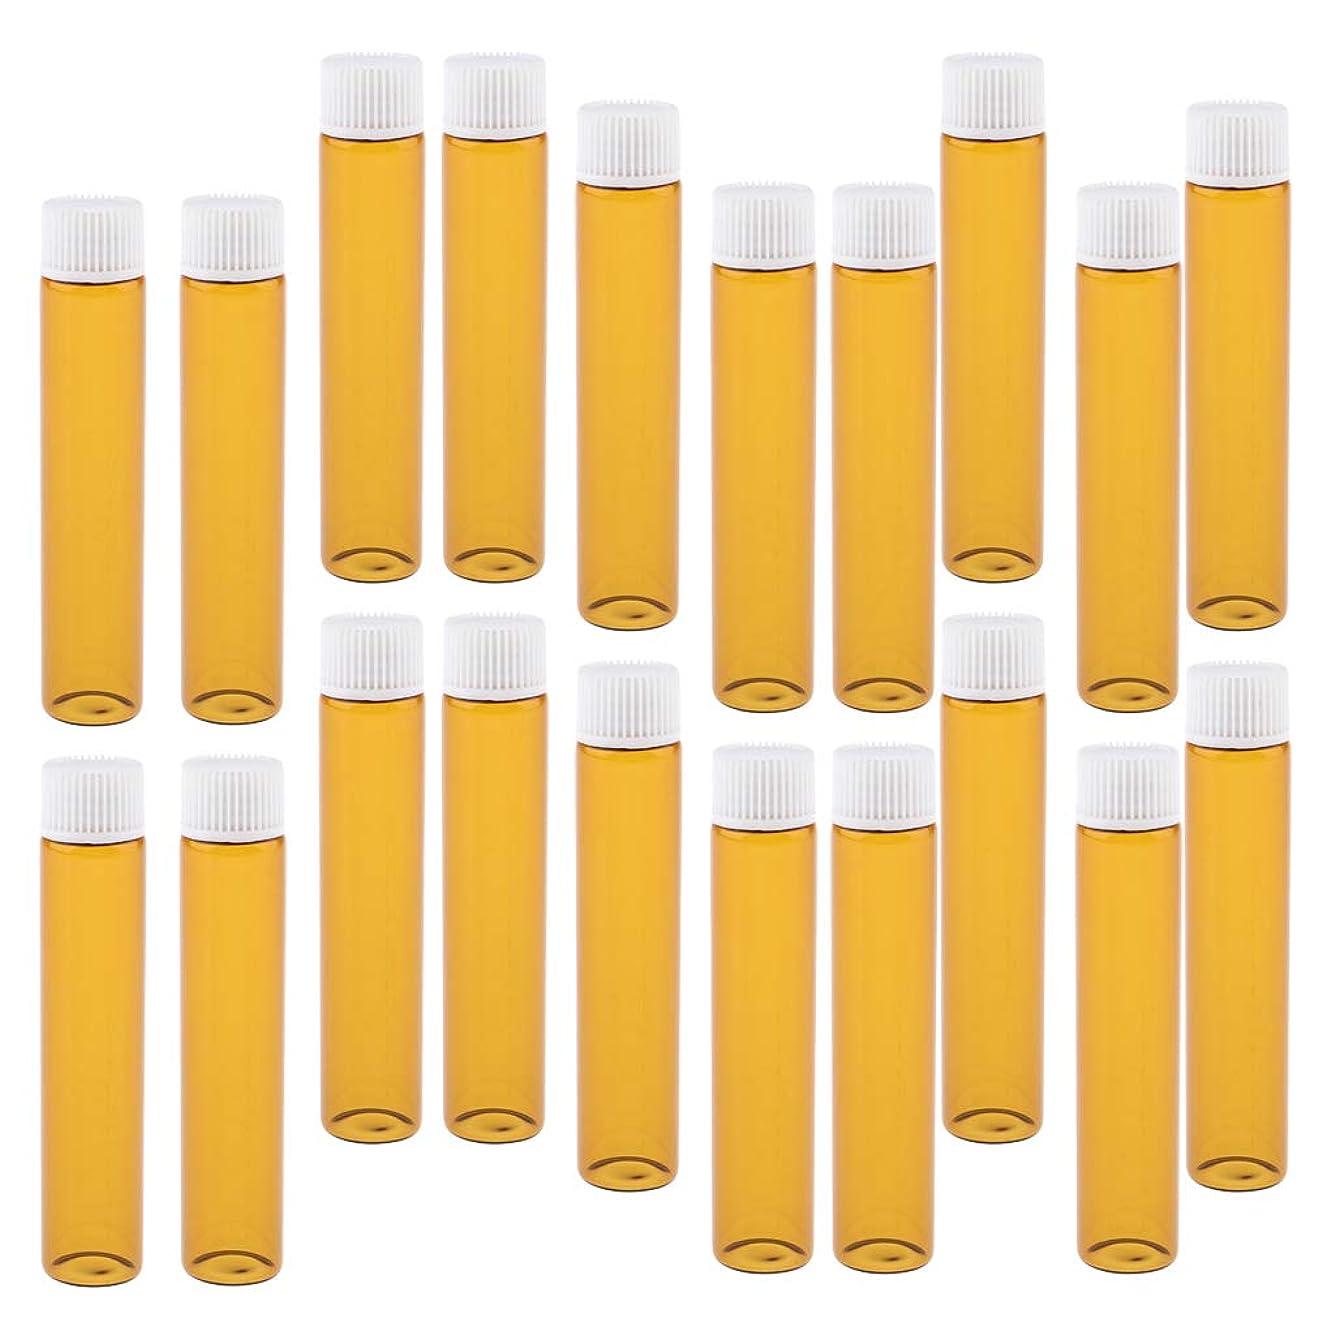 ヒステリック女将影響力のあるT TOOYFUL 20個 ガラスボトル 香水ボトル 詰替え容器 小分け容器 小分けボトル ポータブル 再利用可能全4色 - ホワイト